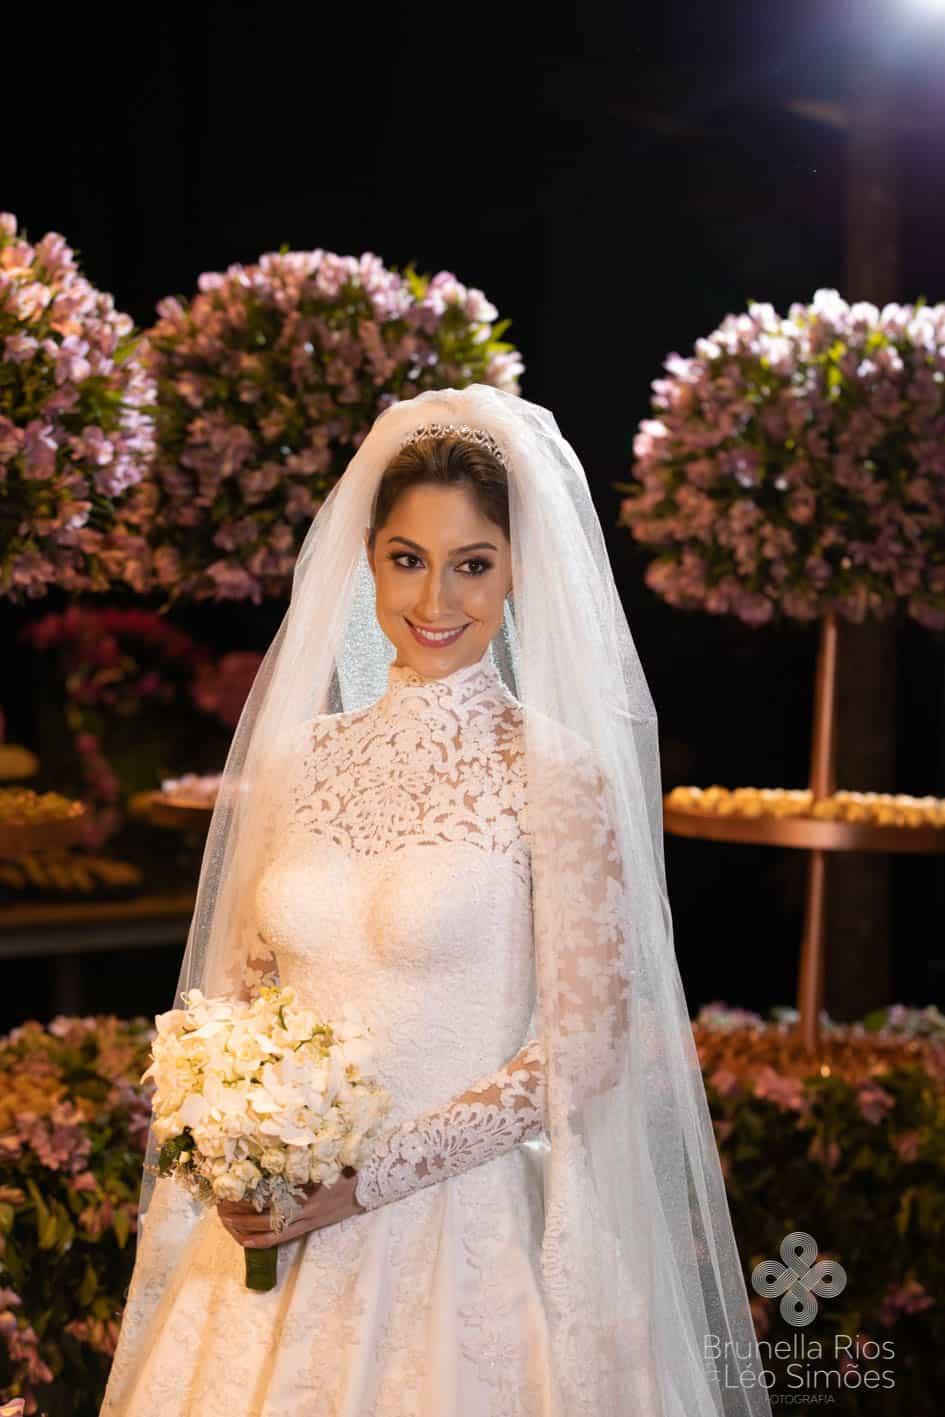 Camila-Sarmento-Casamento-Raisa-e-Ramon-foto-Brunella-e-Leo-Simoes-Pousada-Vale-dos-Passarios-Viviane-Melo46